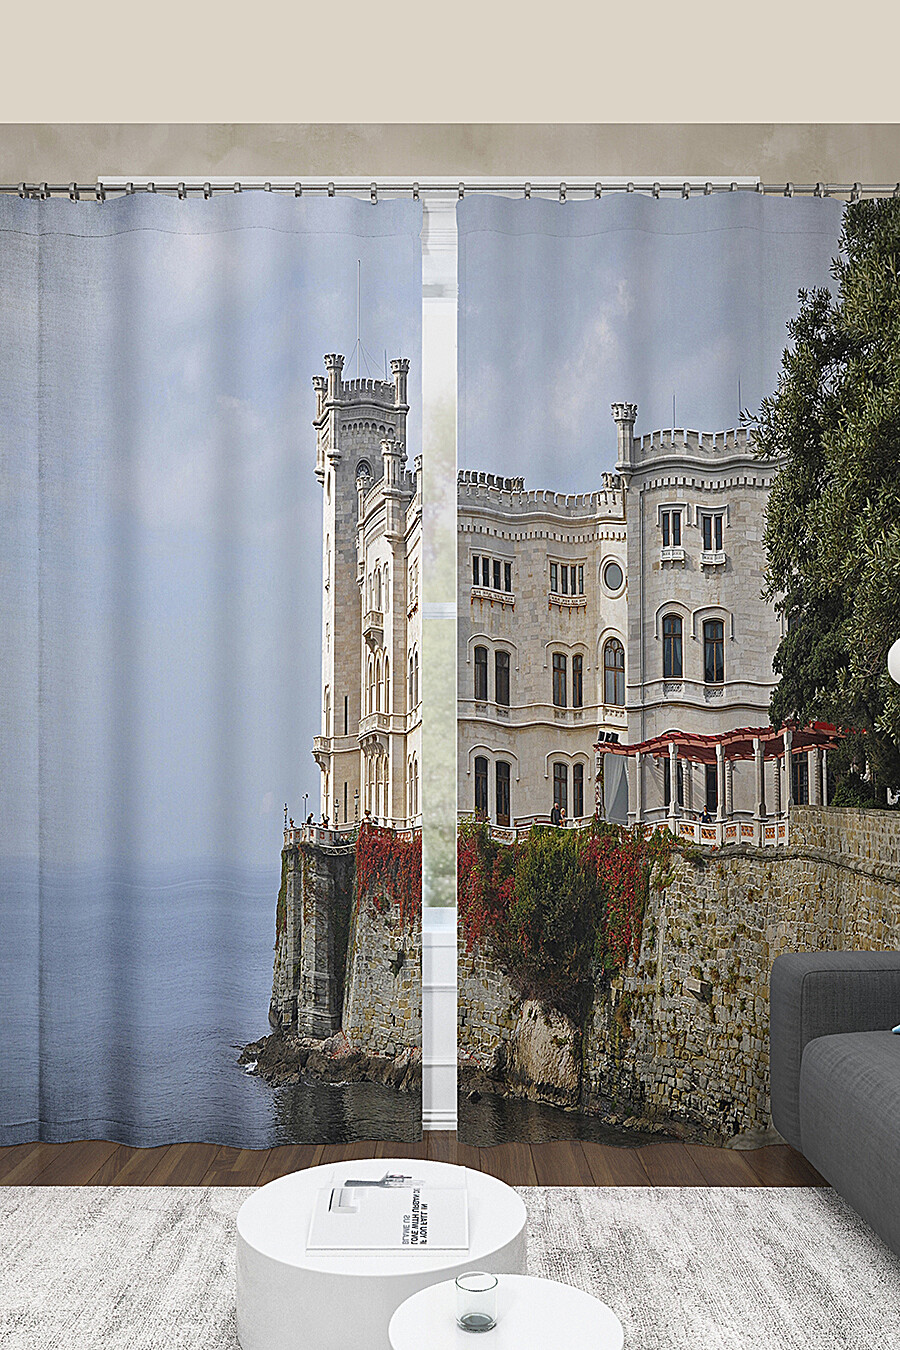 Фотошторы для дома ART HOME TEXTILE 123573 купить оптом от производителя. Совместная покупка товаров для дома в OptMoyo